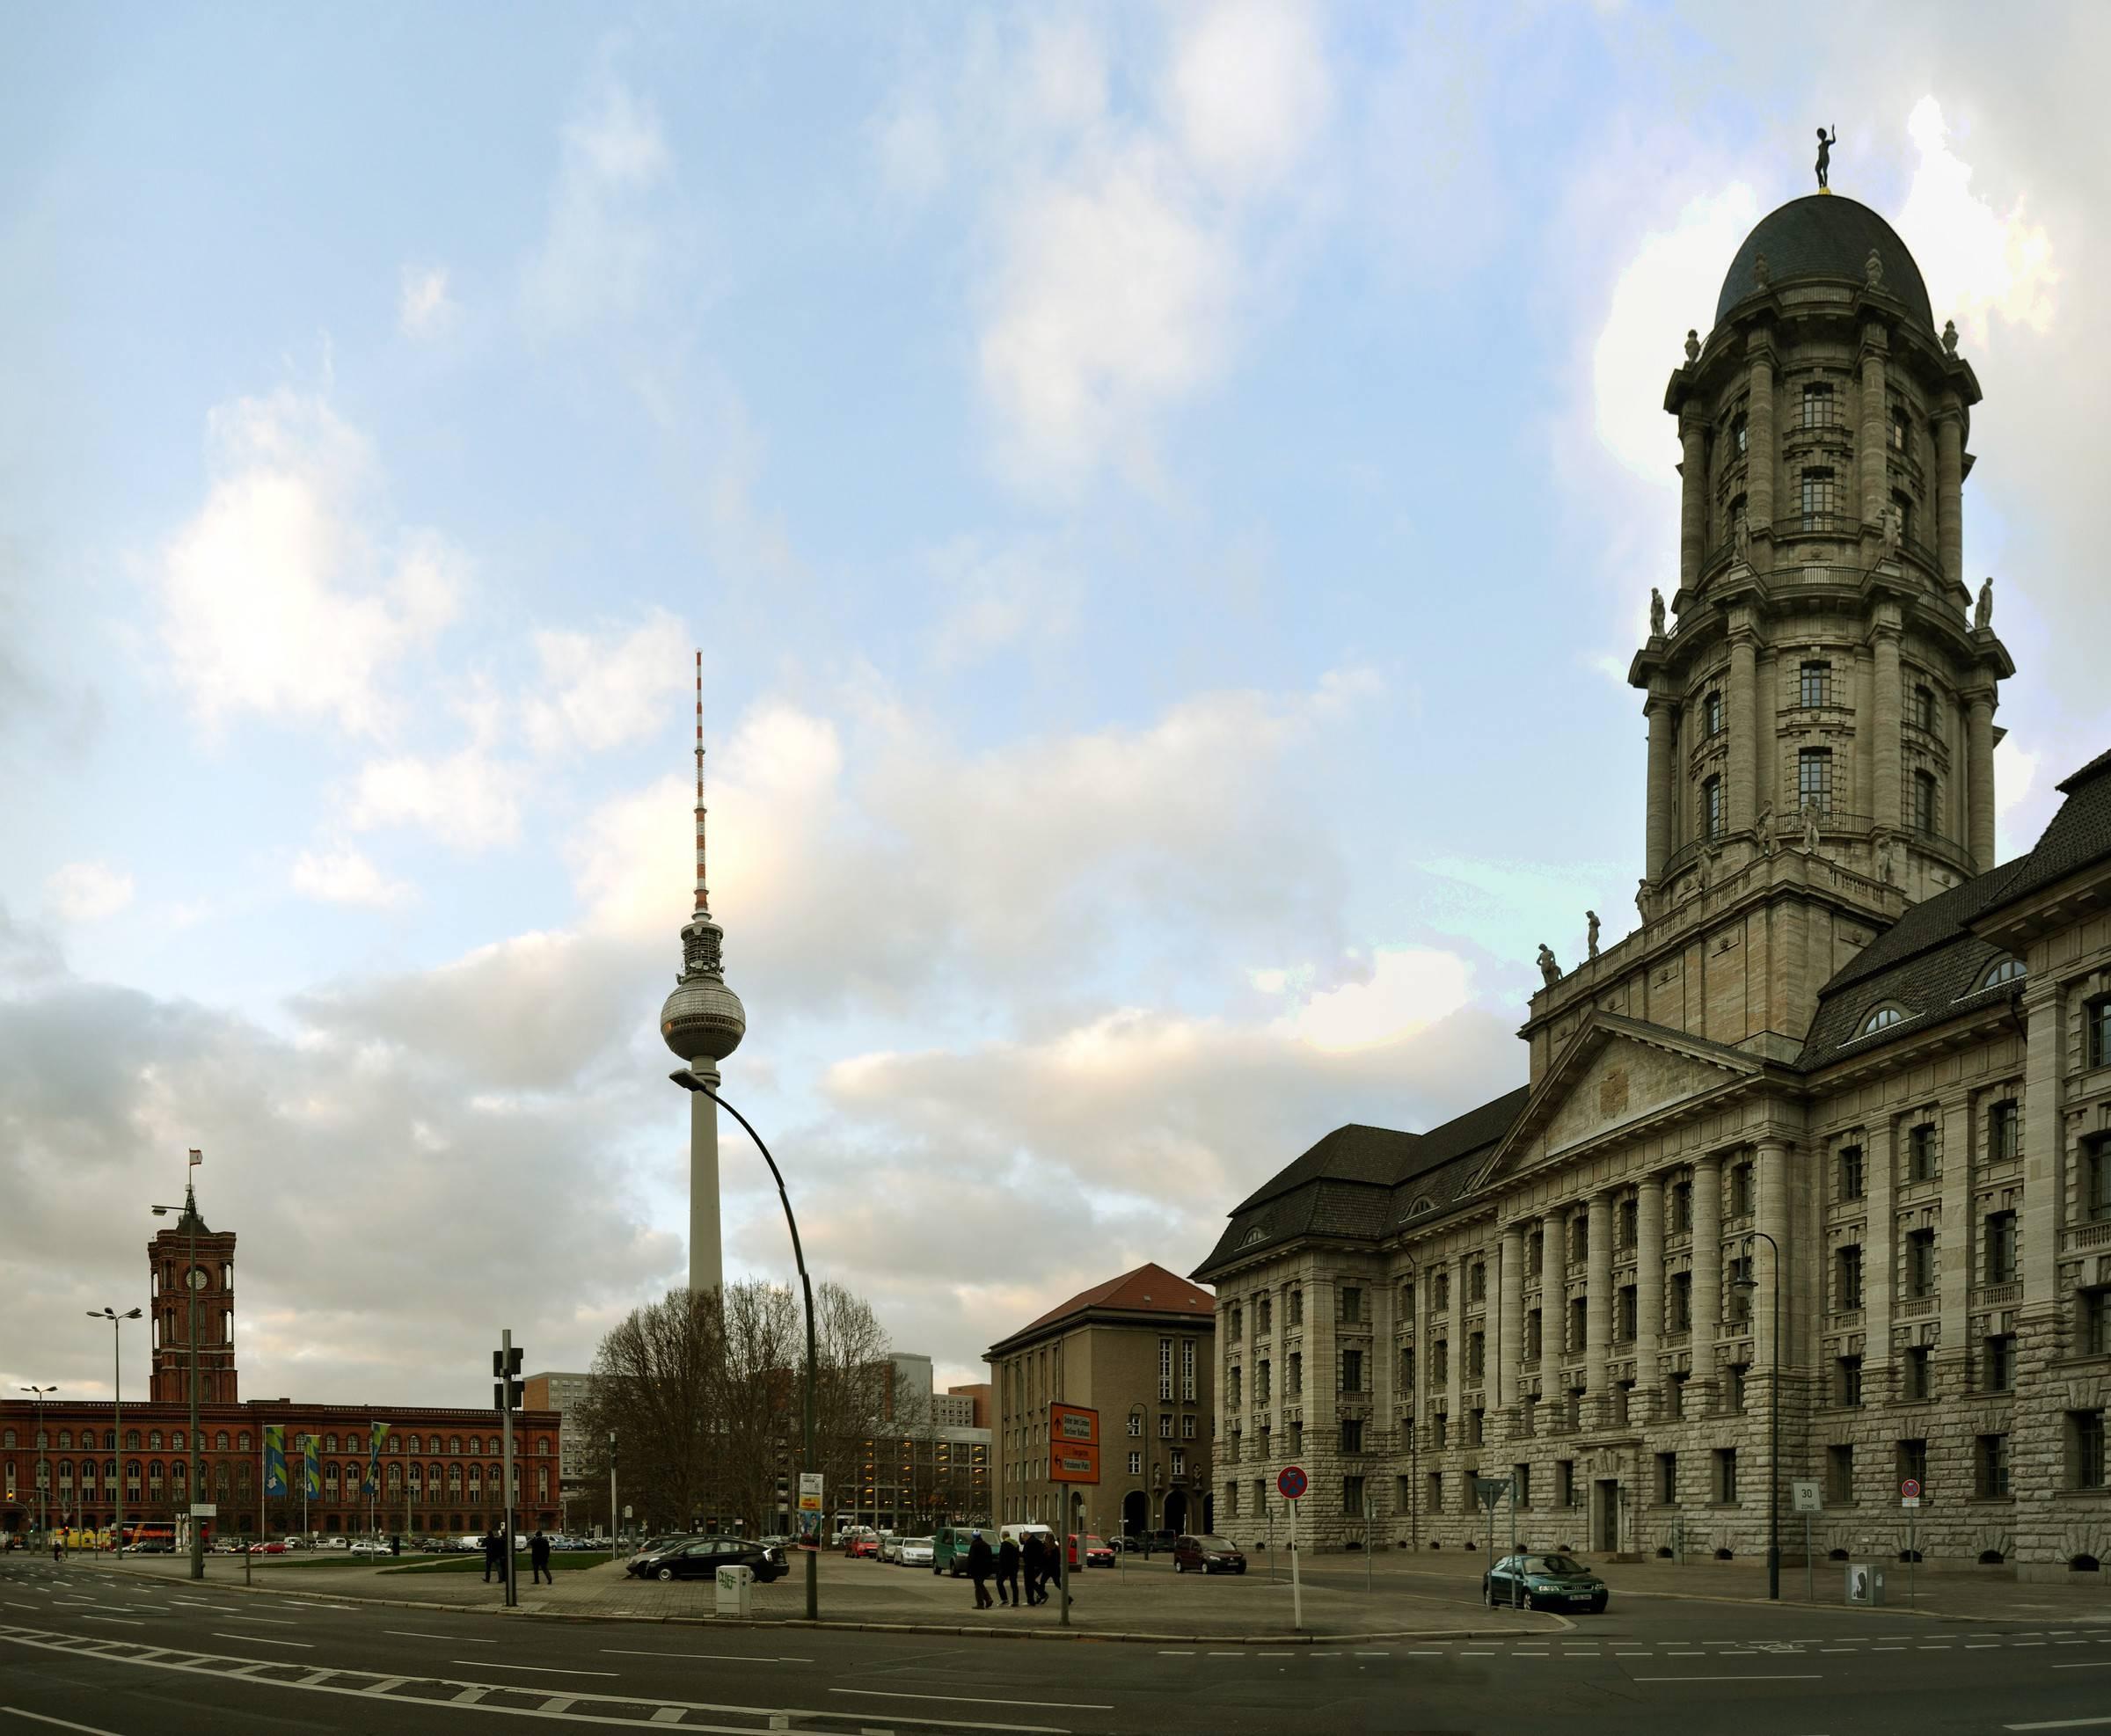 Берлин: информация для путешественников — плейсмент